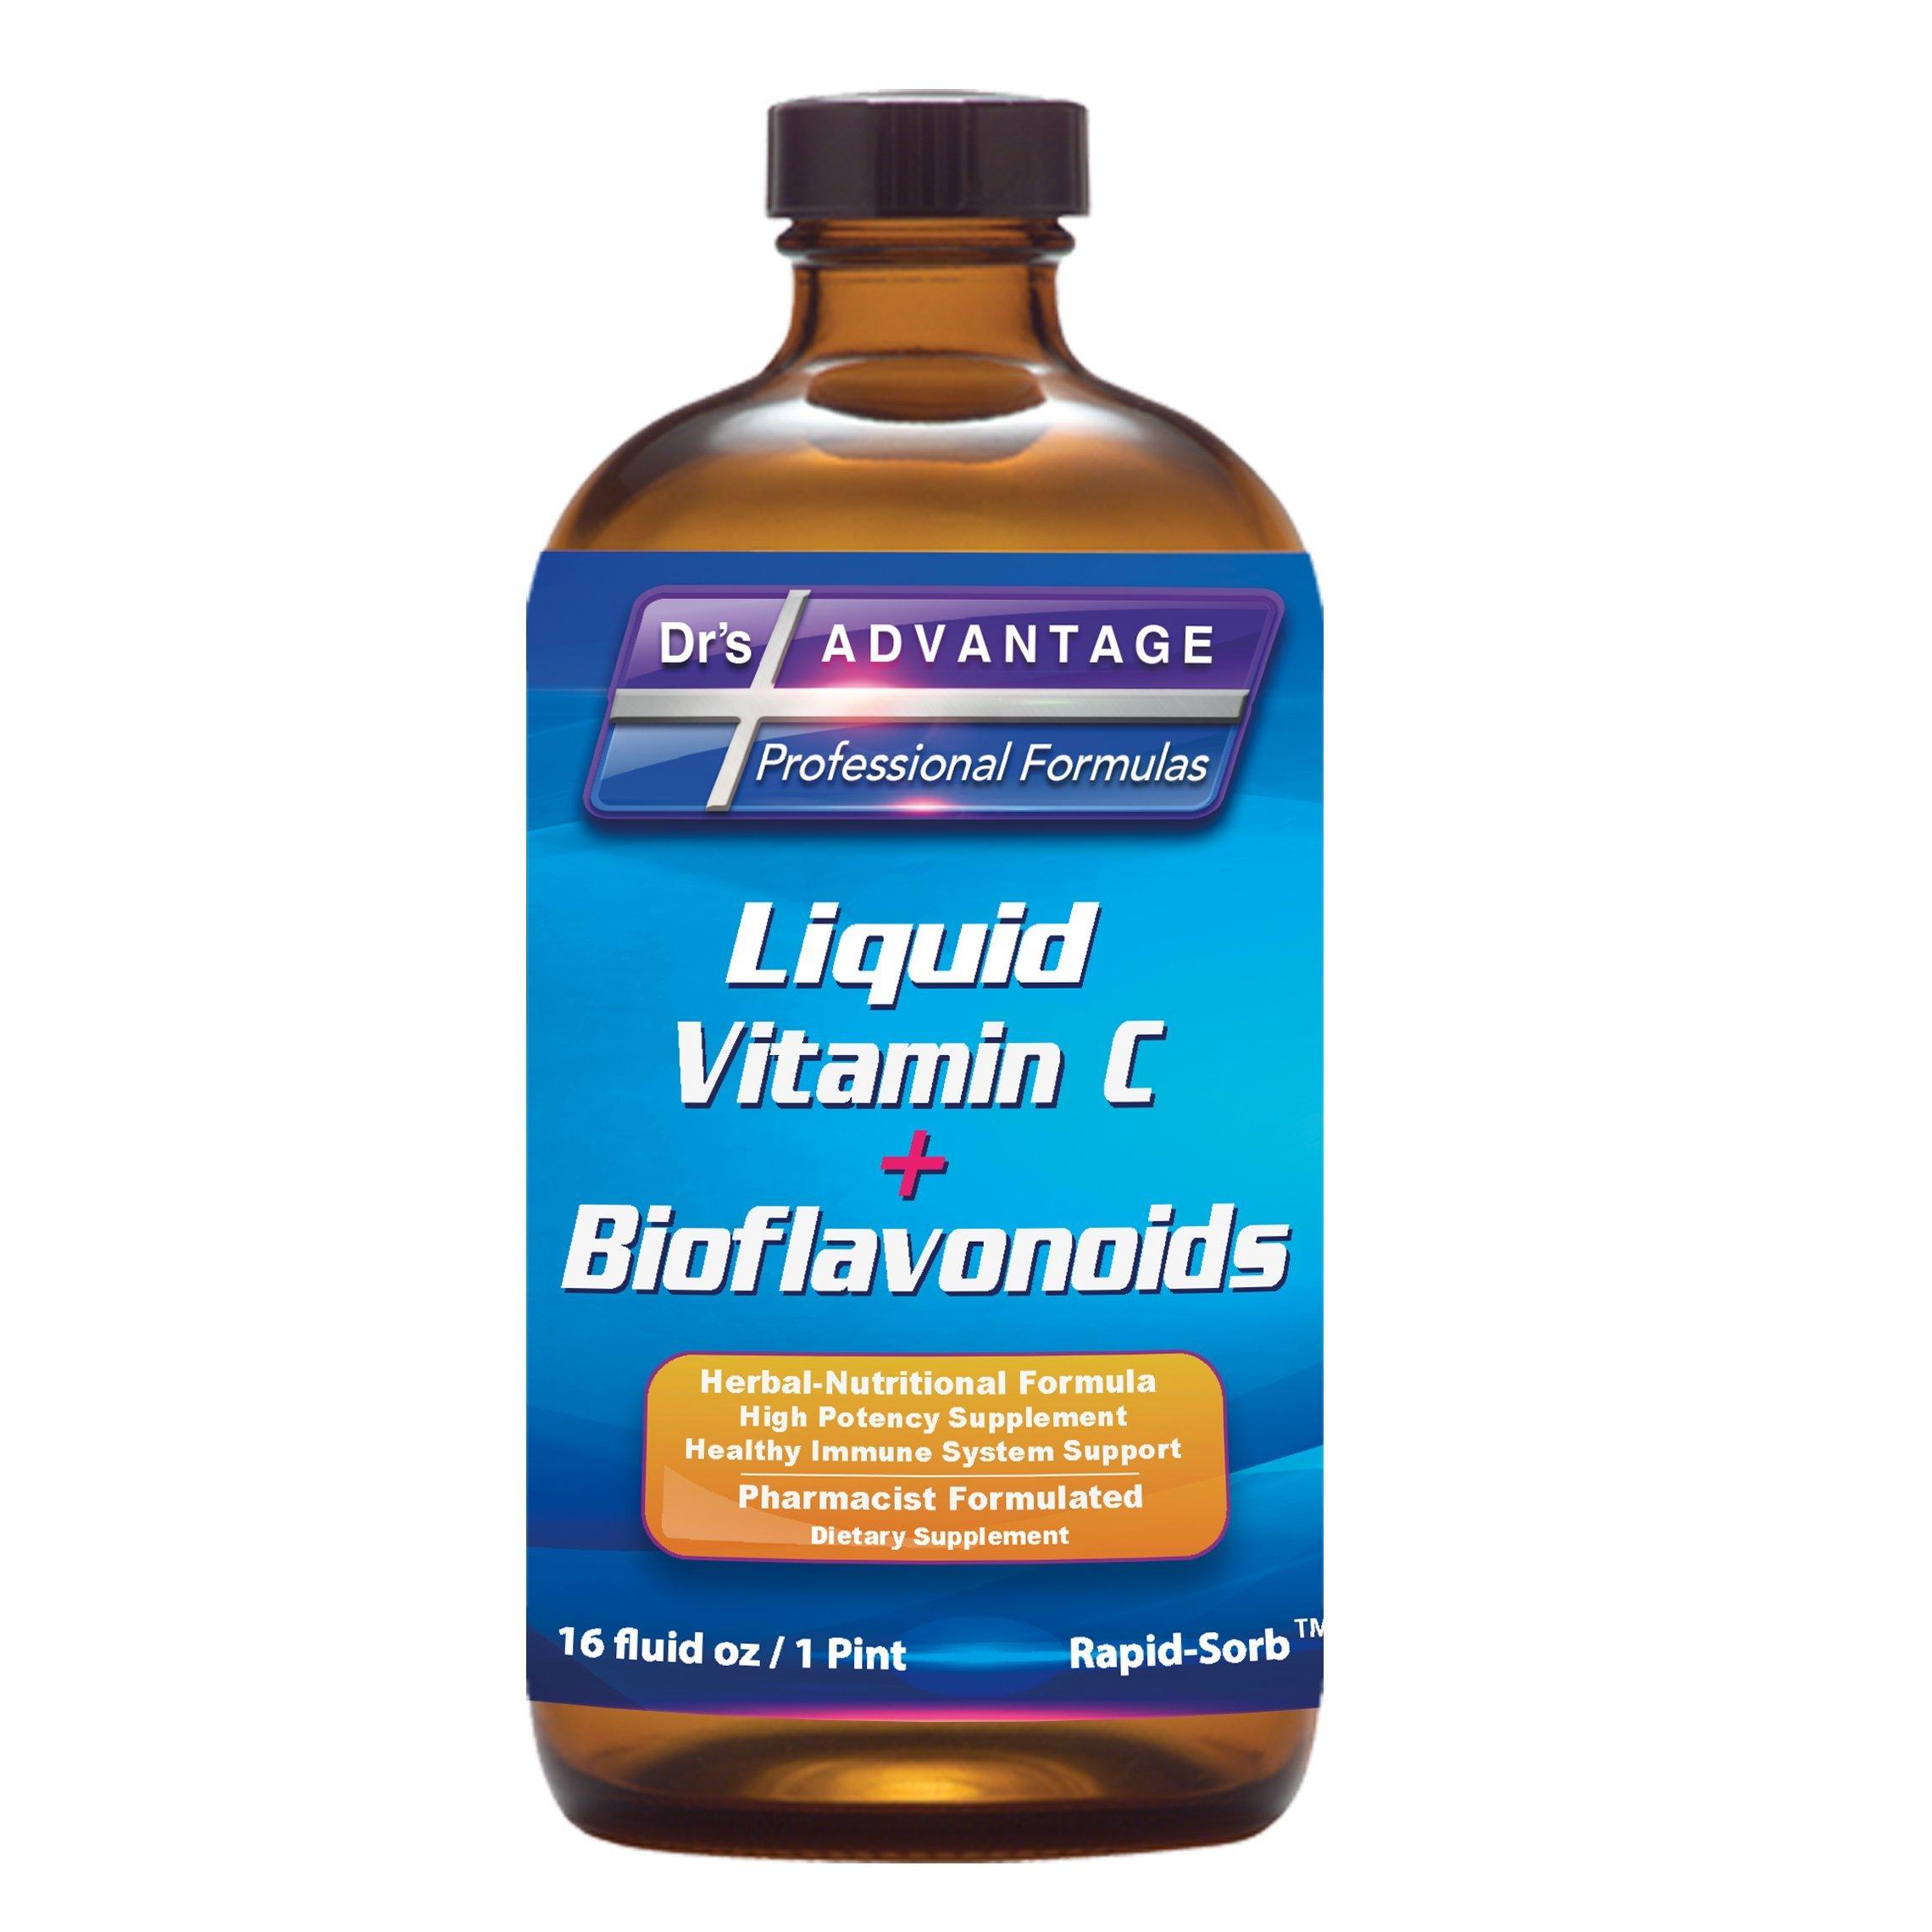 Liquid Vitamin C + Bioflavonoids 16oz